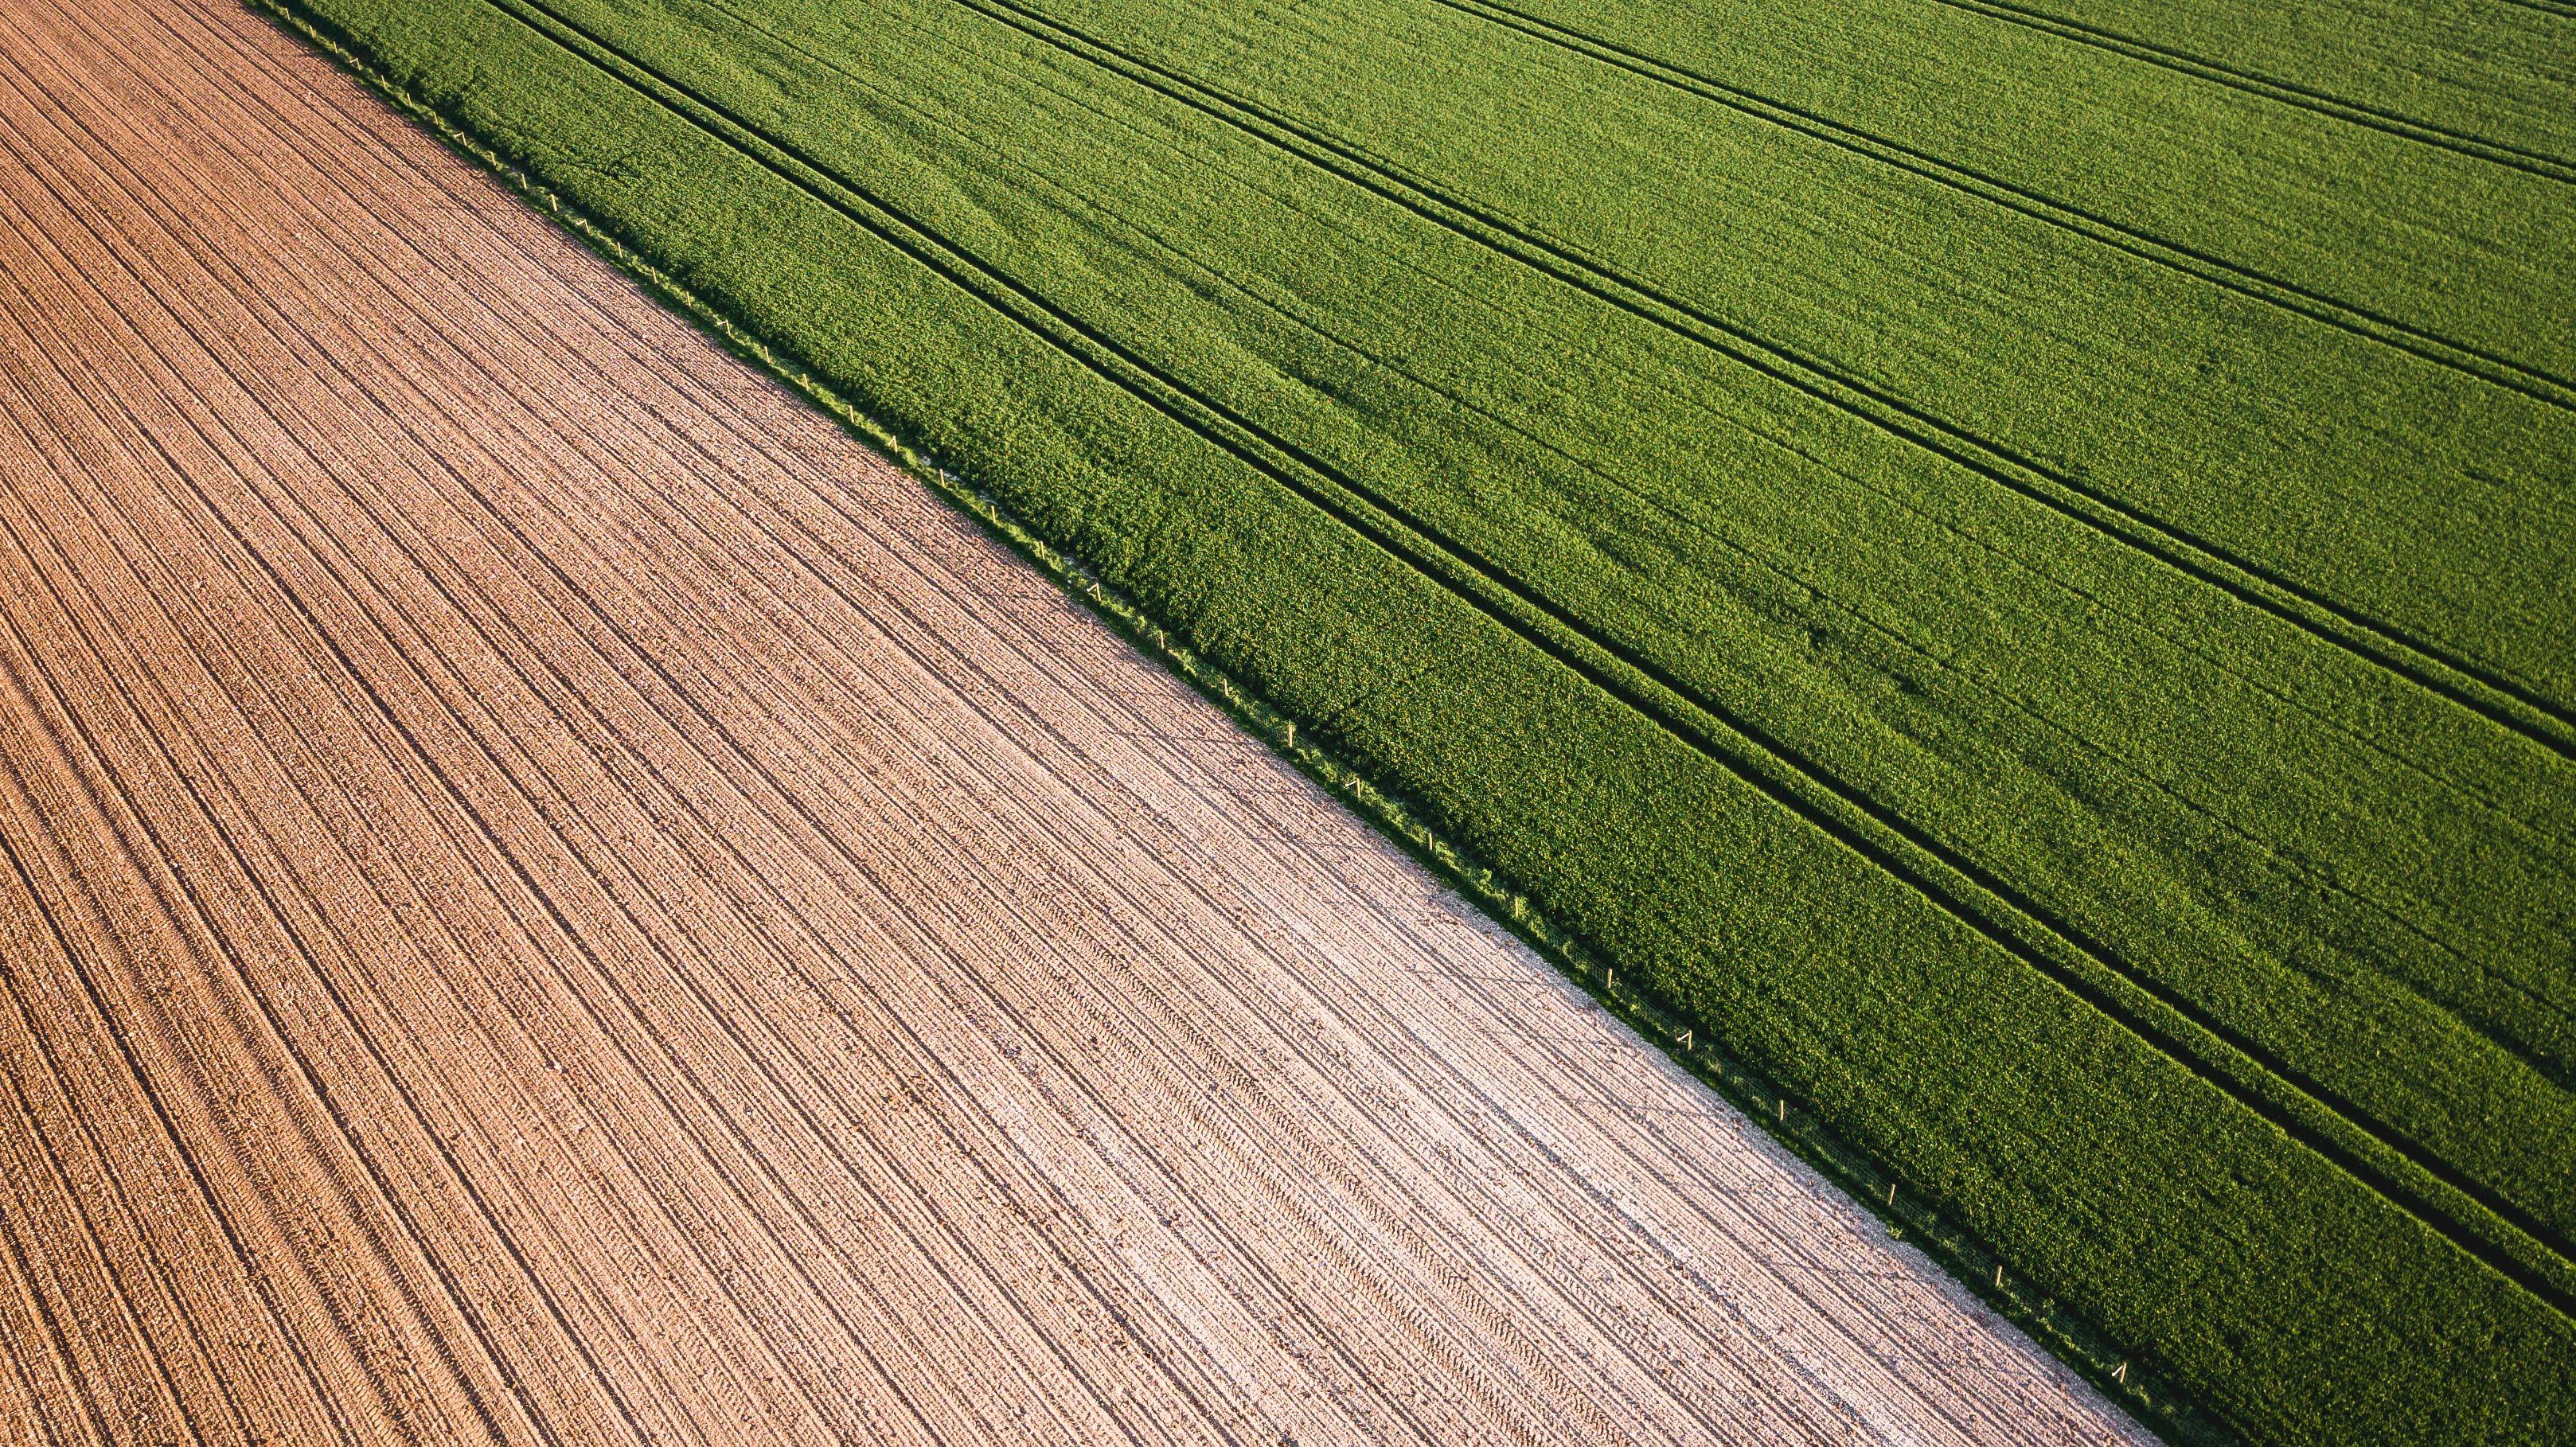 有機農業への移行は「環境にやさしい」のか?